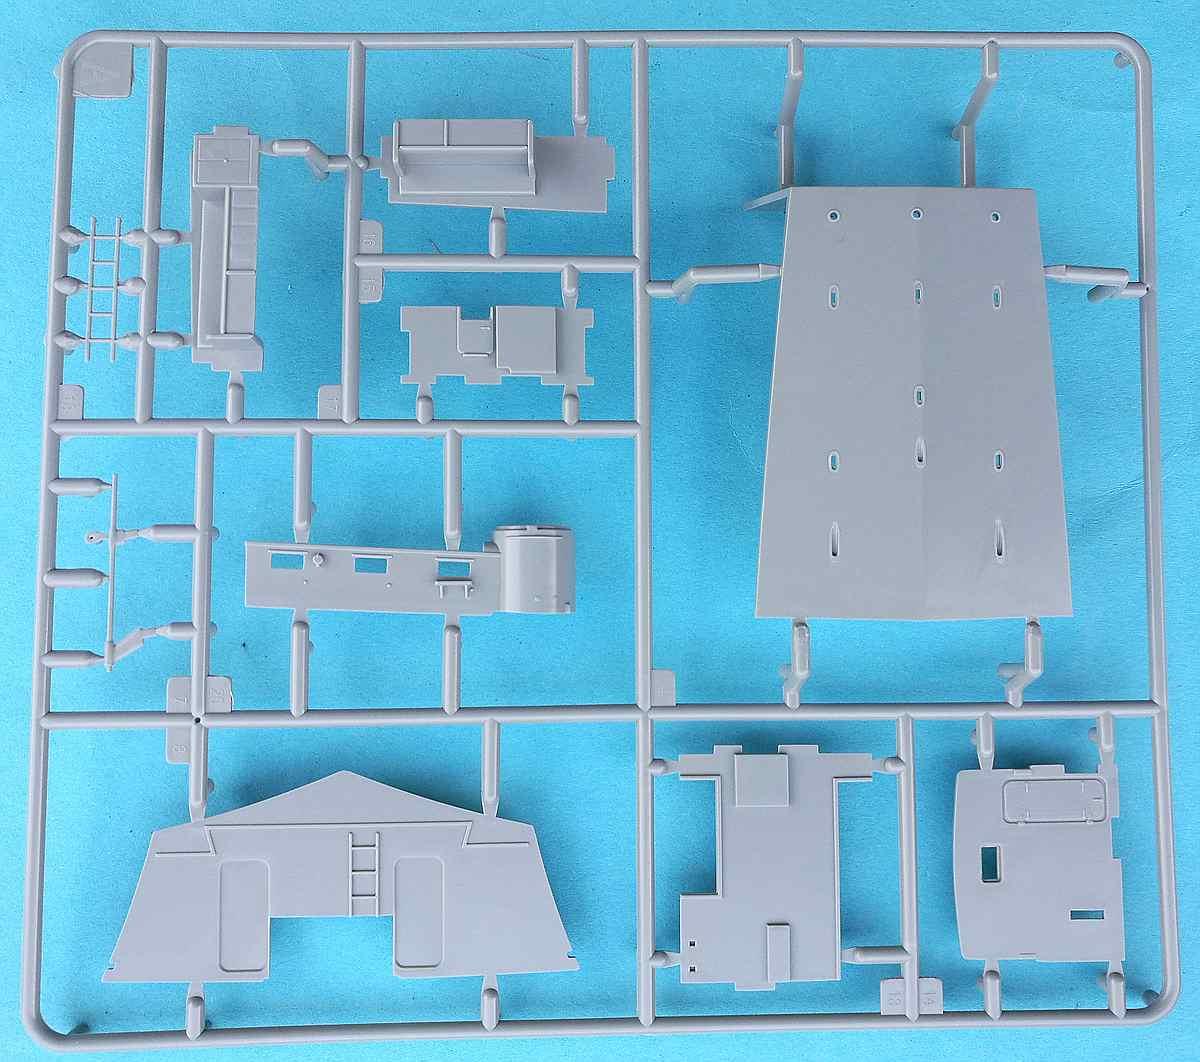 Revell-05147-PT-109-41 PT 109 im Maßstab 1:72 von Revell 05147